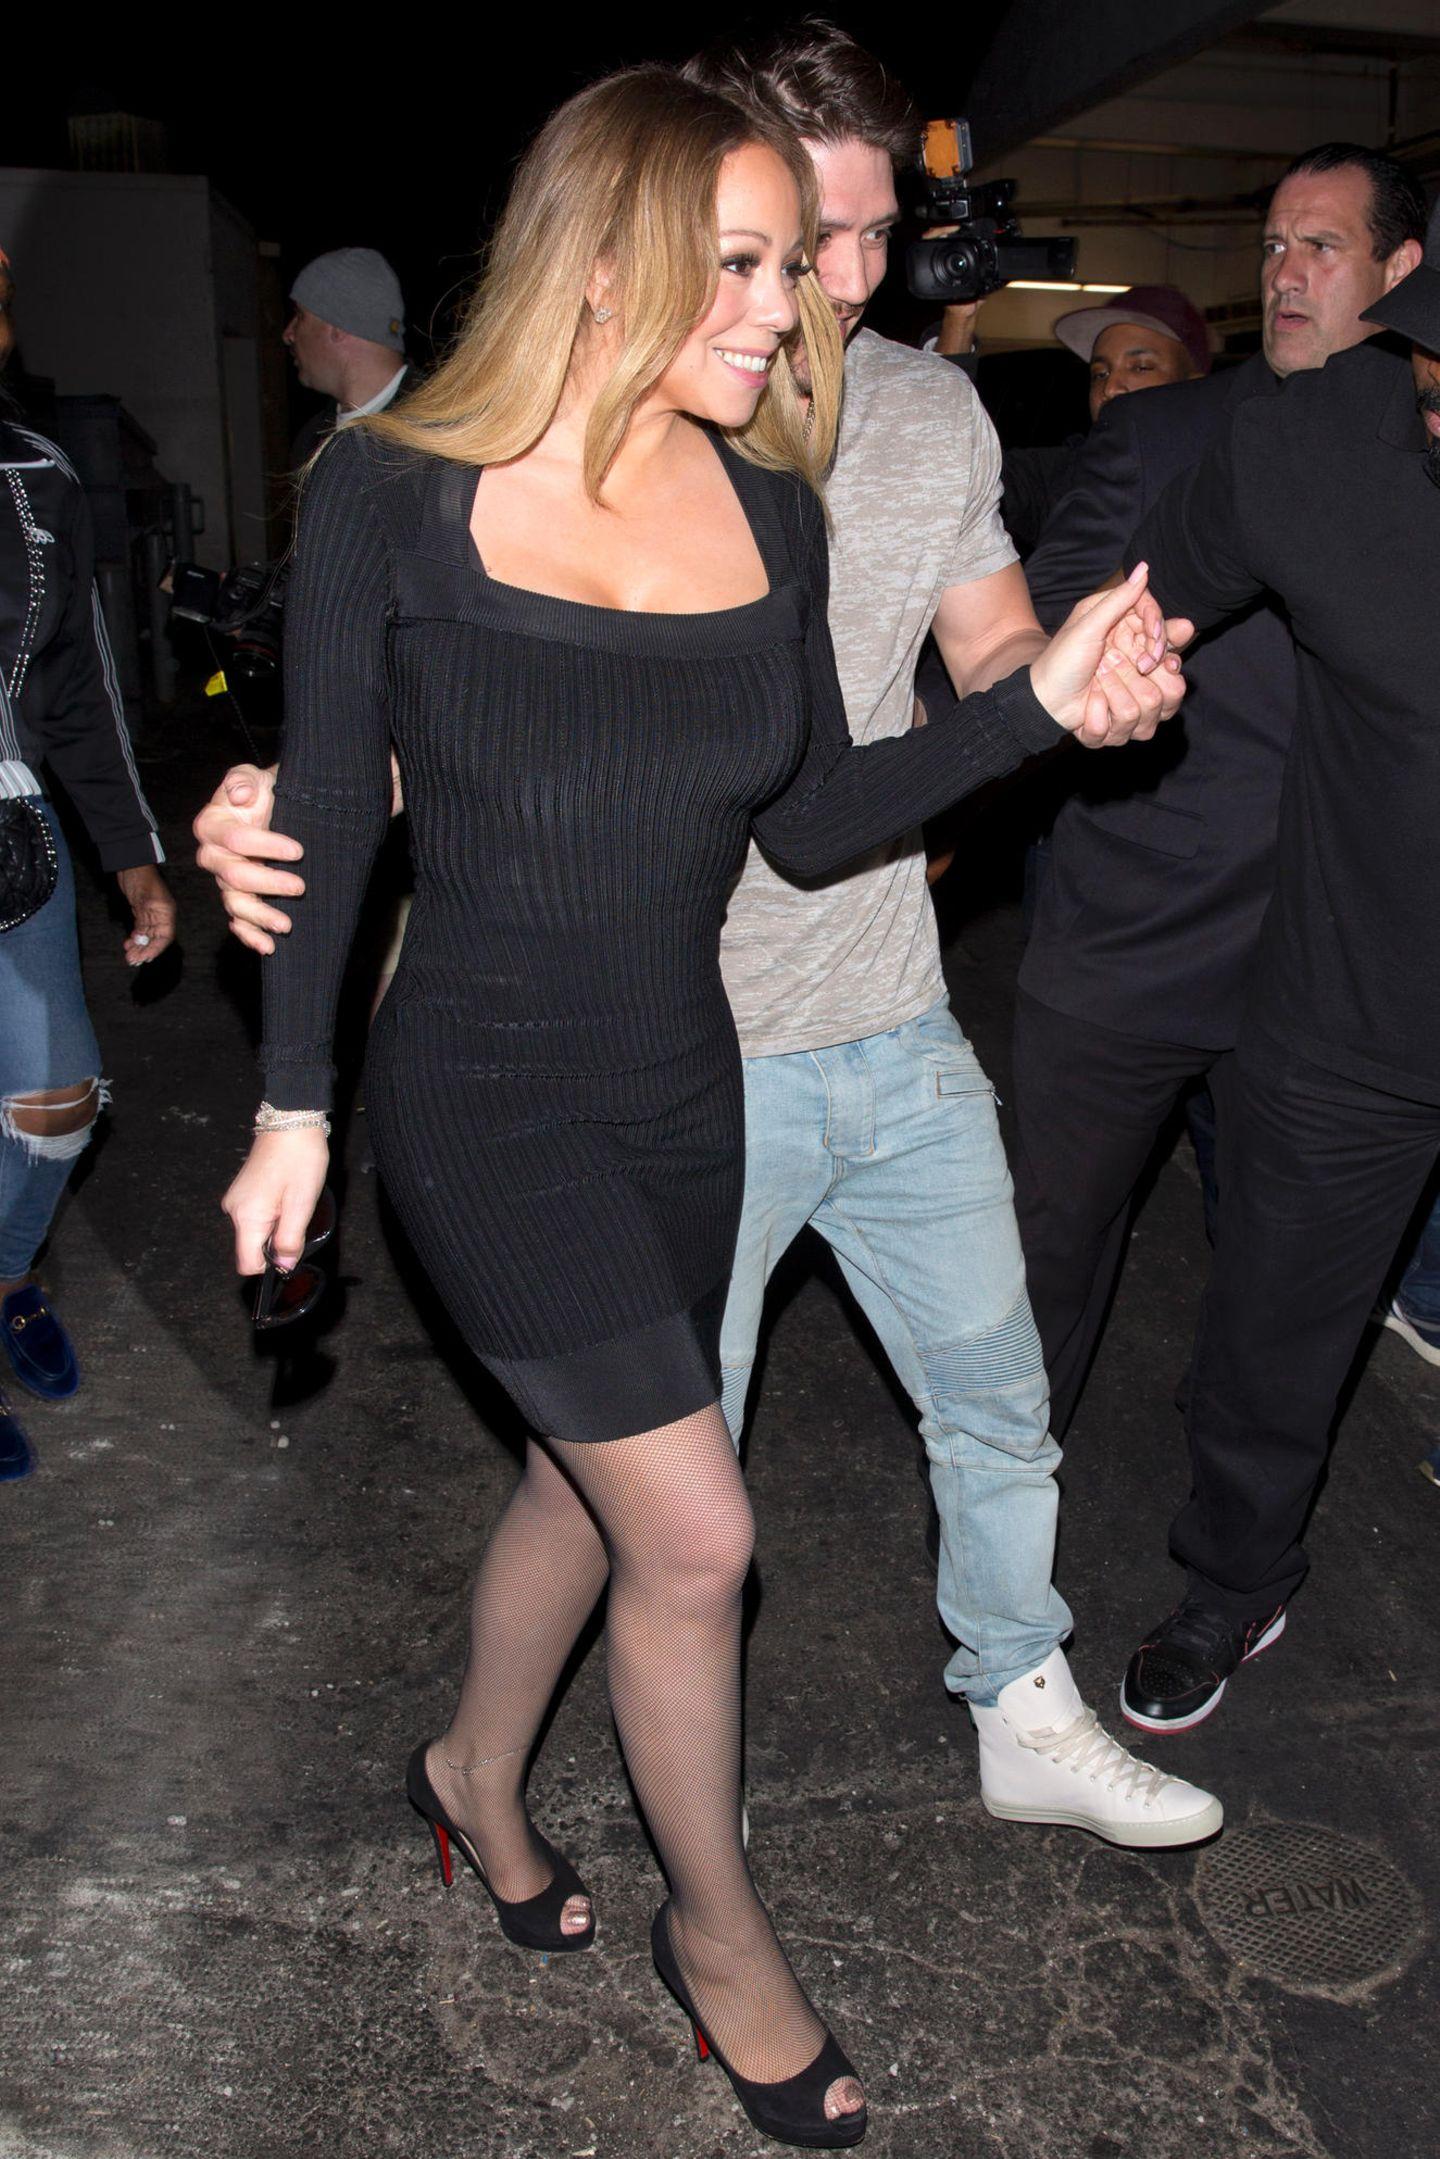 Wow! Im April 2018 zeigt sich Mariah nach einer angeblichen Magenbandoperation in Topform mit ihrem Freund Bryan Tanaka. Das enge schwarze Kleid betont ihre schmale Silhouette und die schwarzen Heels verlängern ihre schlanken Beine zusätzlich.